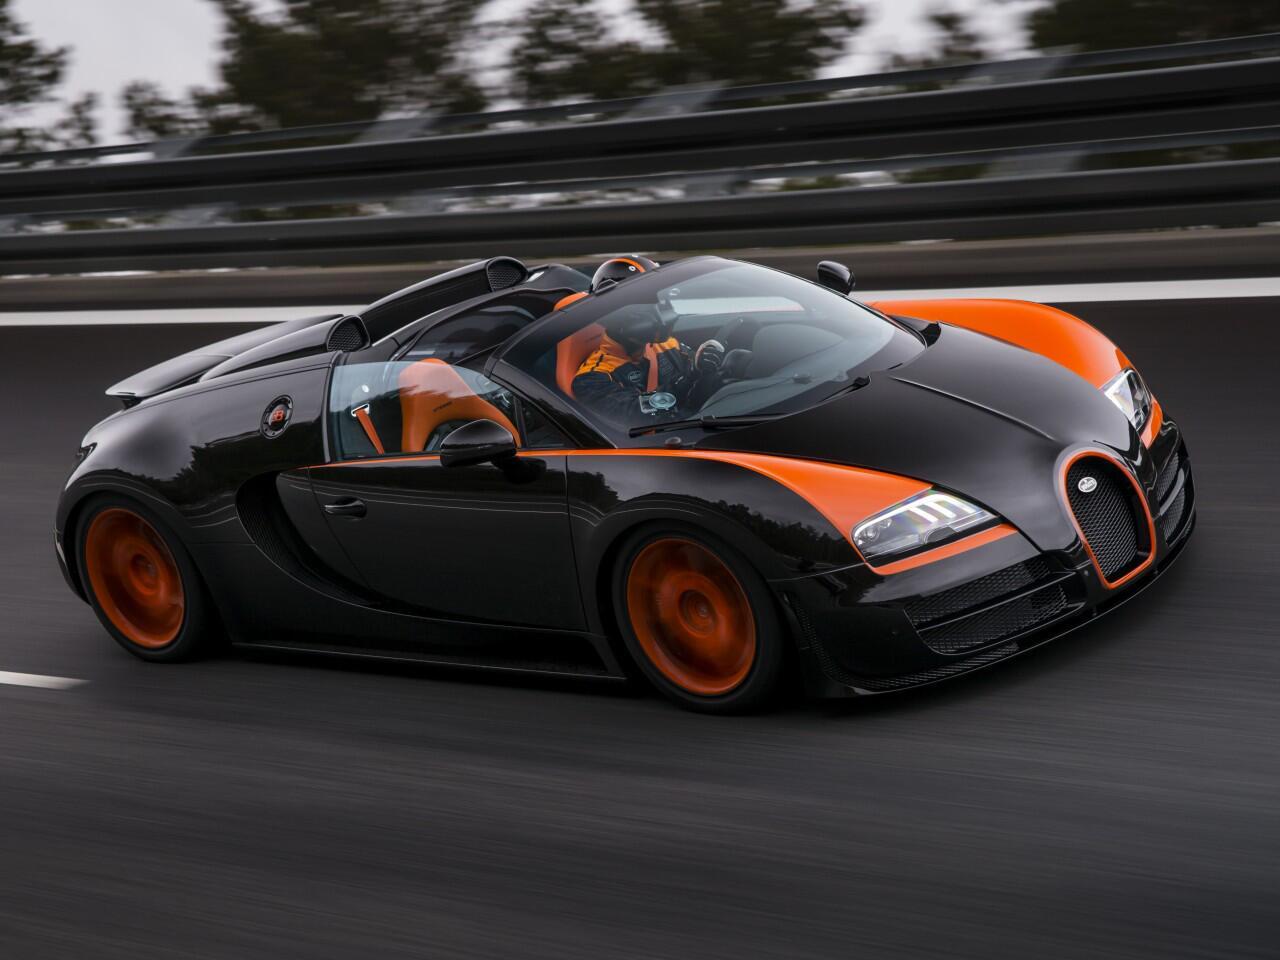 Bild zu Bugatti Veyron 16.4 Grand Sport Vitessse: Fuhr offen 408,84 km/h - Weltrekord!